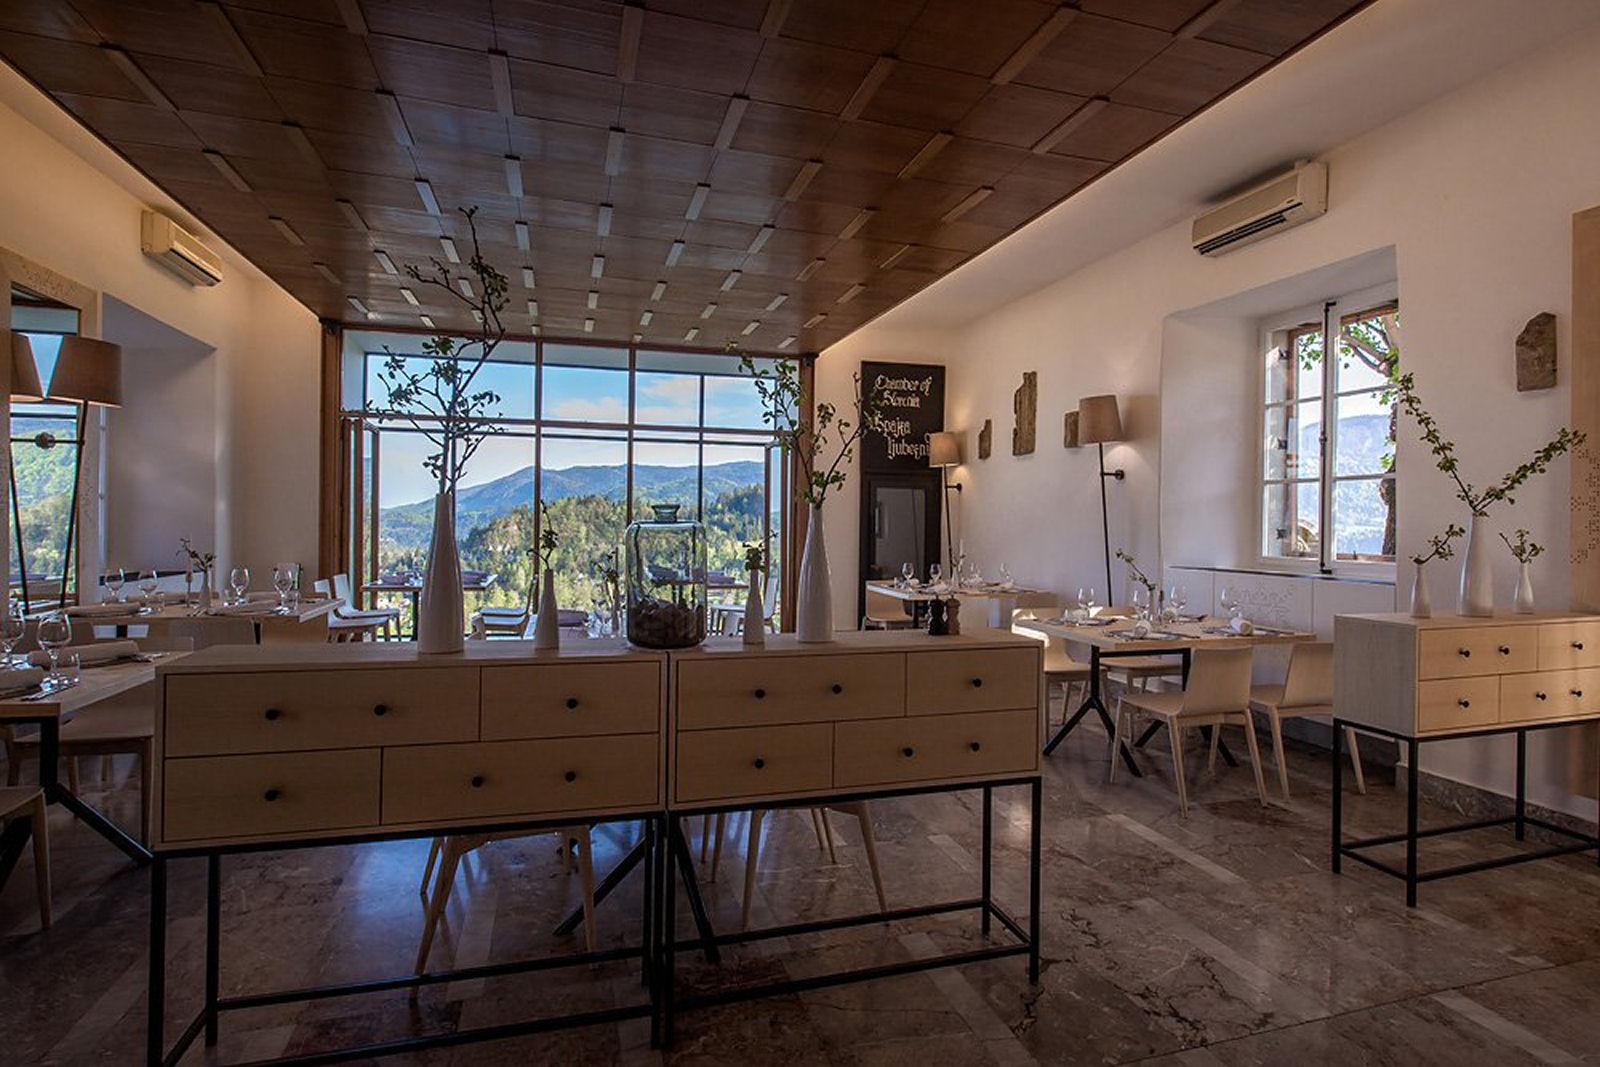 bled-castle-restaurant-02-slovenia